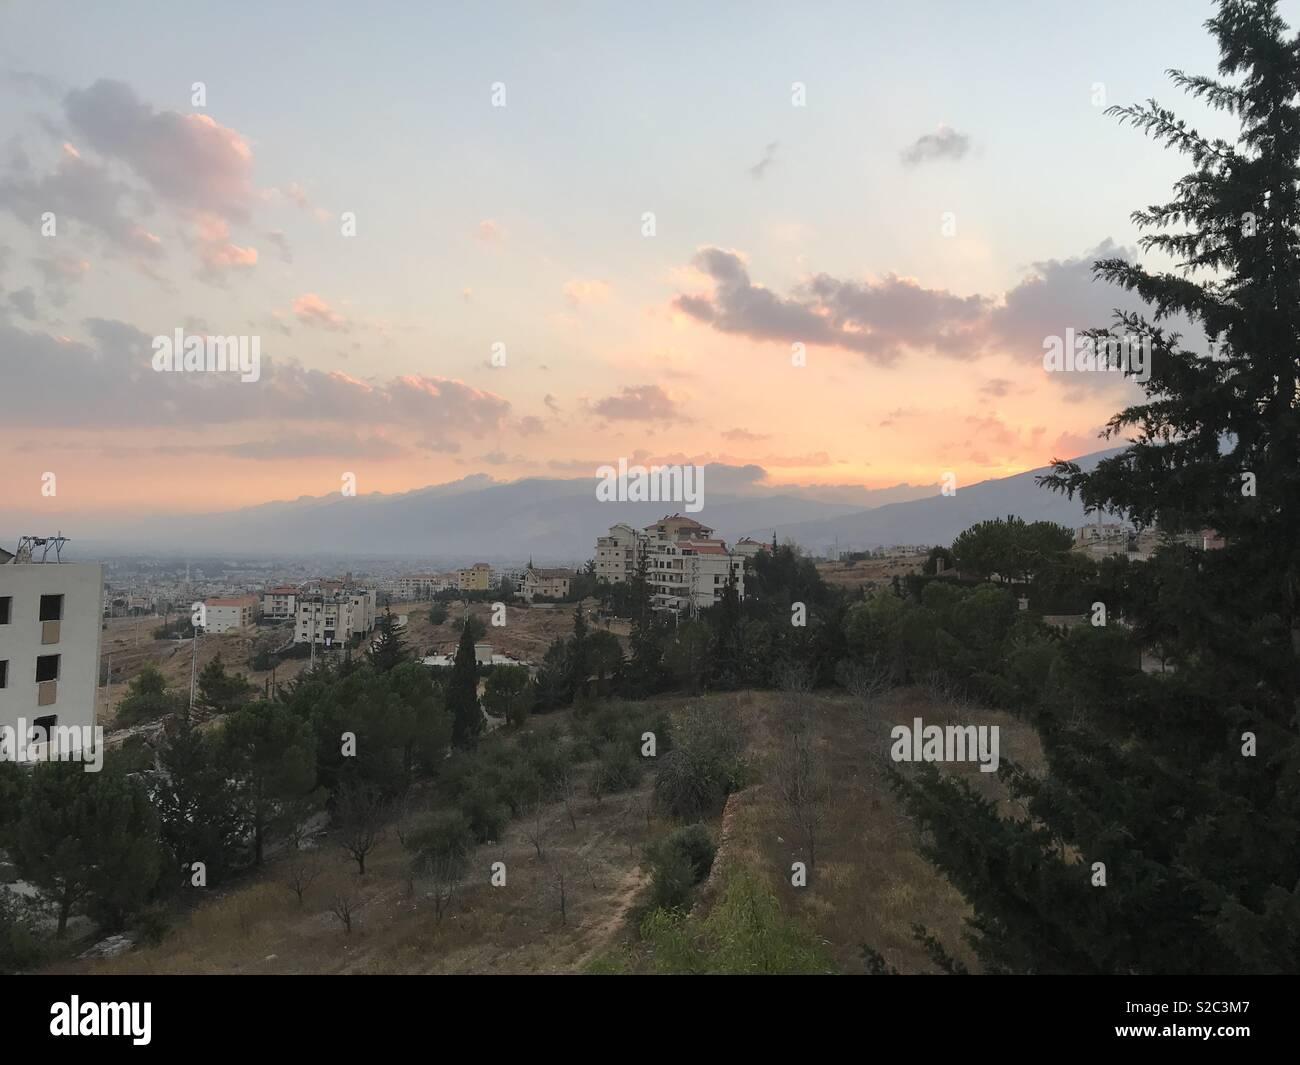 Tramonto nella valle Beqaa, Libano guardando in direzione di Beirut. Immagini Stock